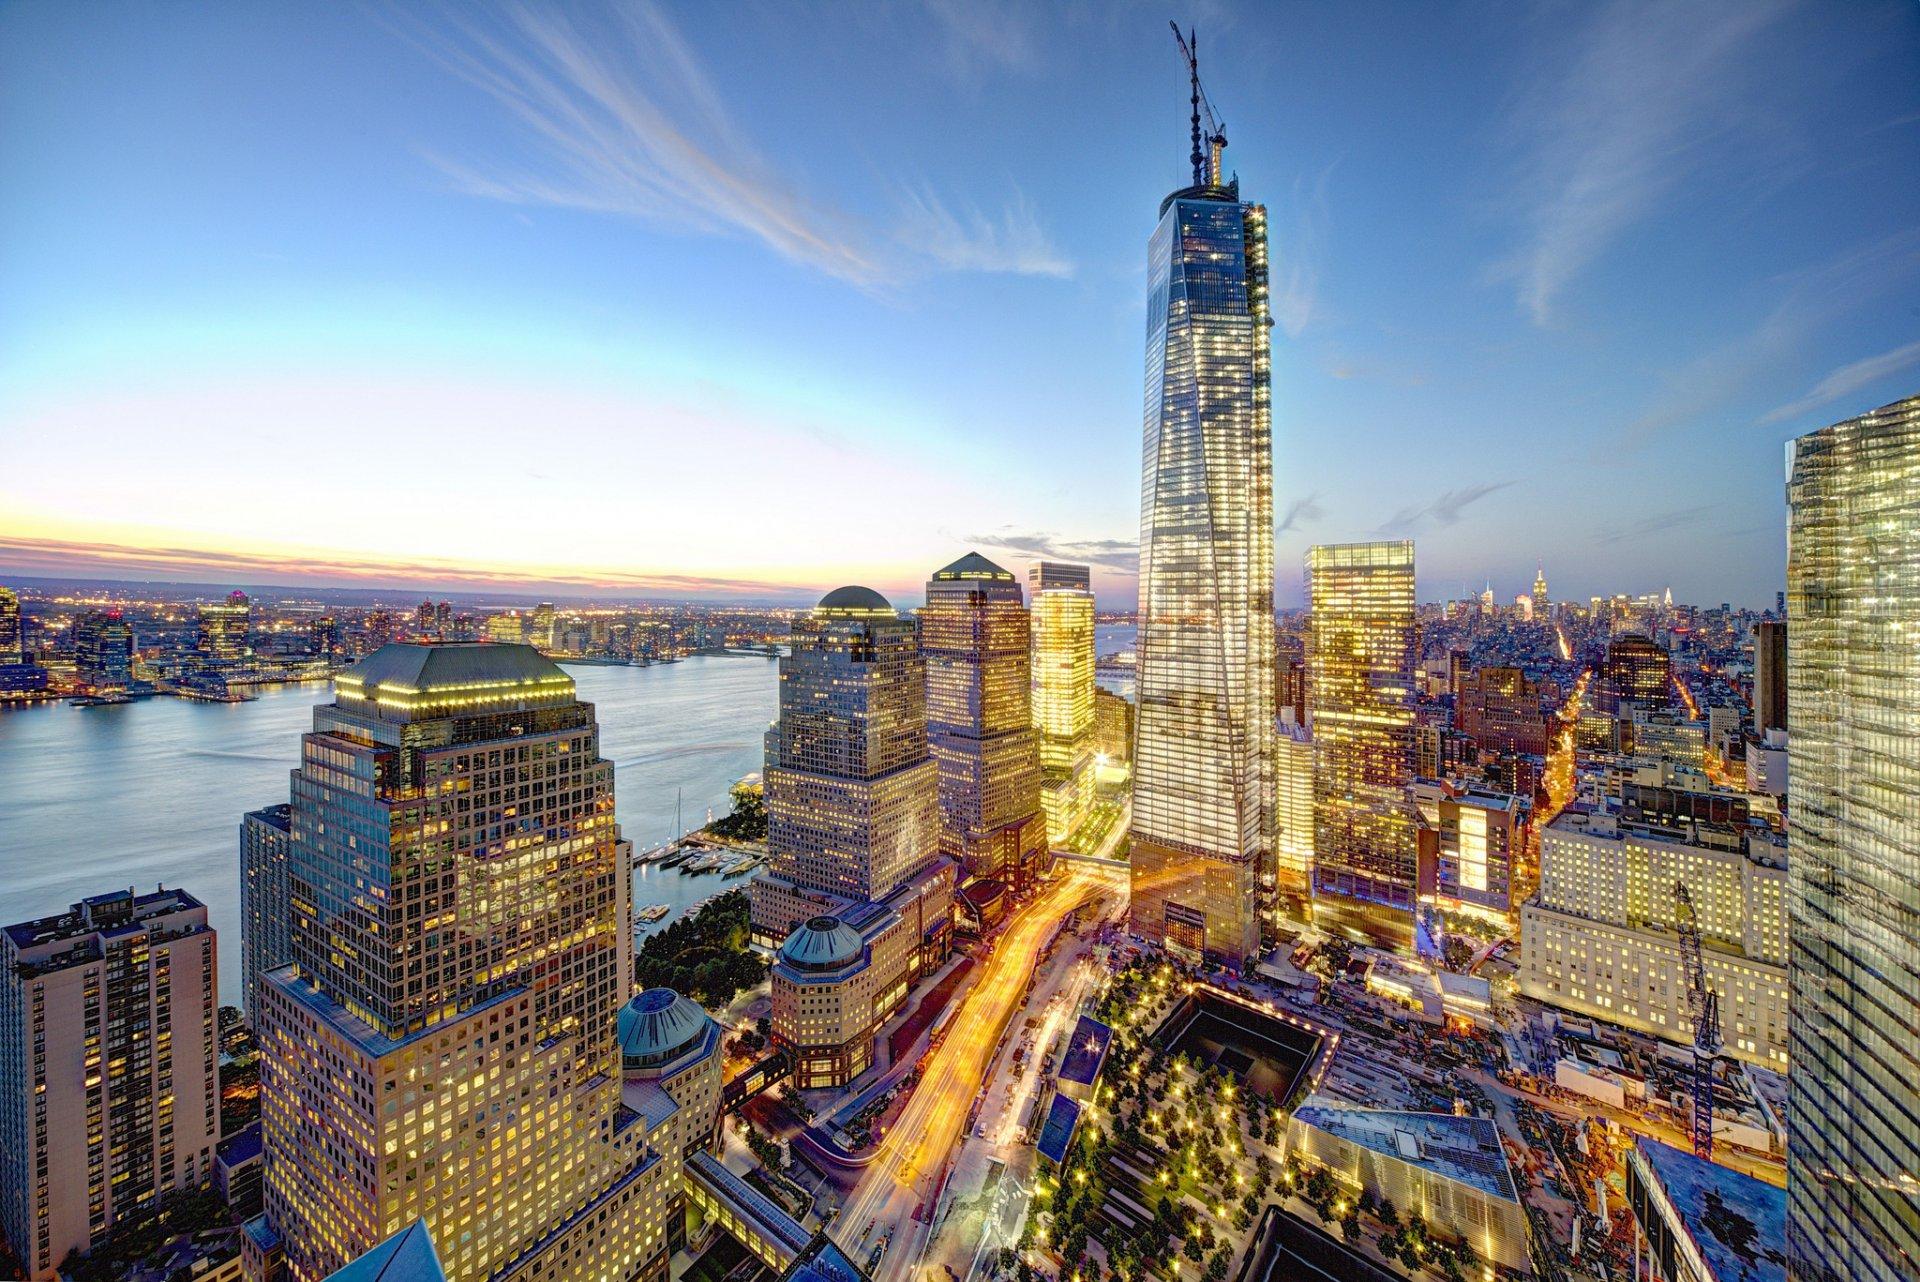 нью-йорк манхэттен 1 всемирный торговый центр башня свободы цмт сша всемирный  торговый центр город 1edf082372f